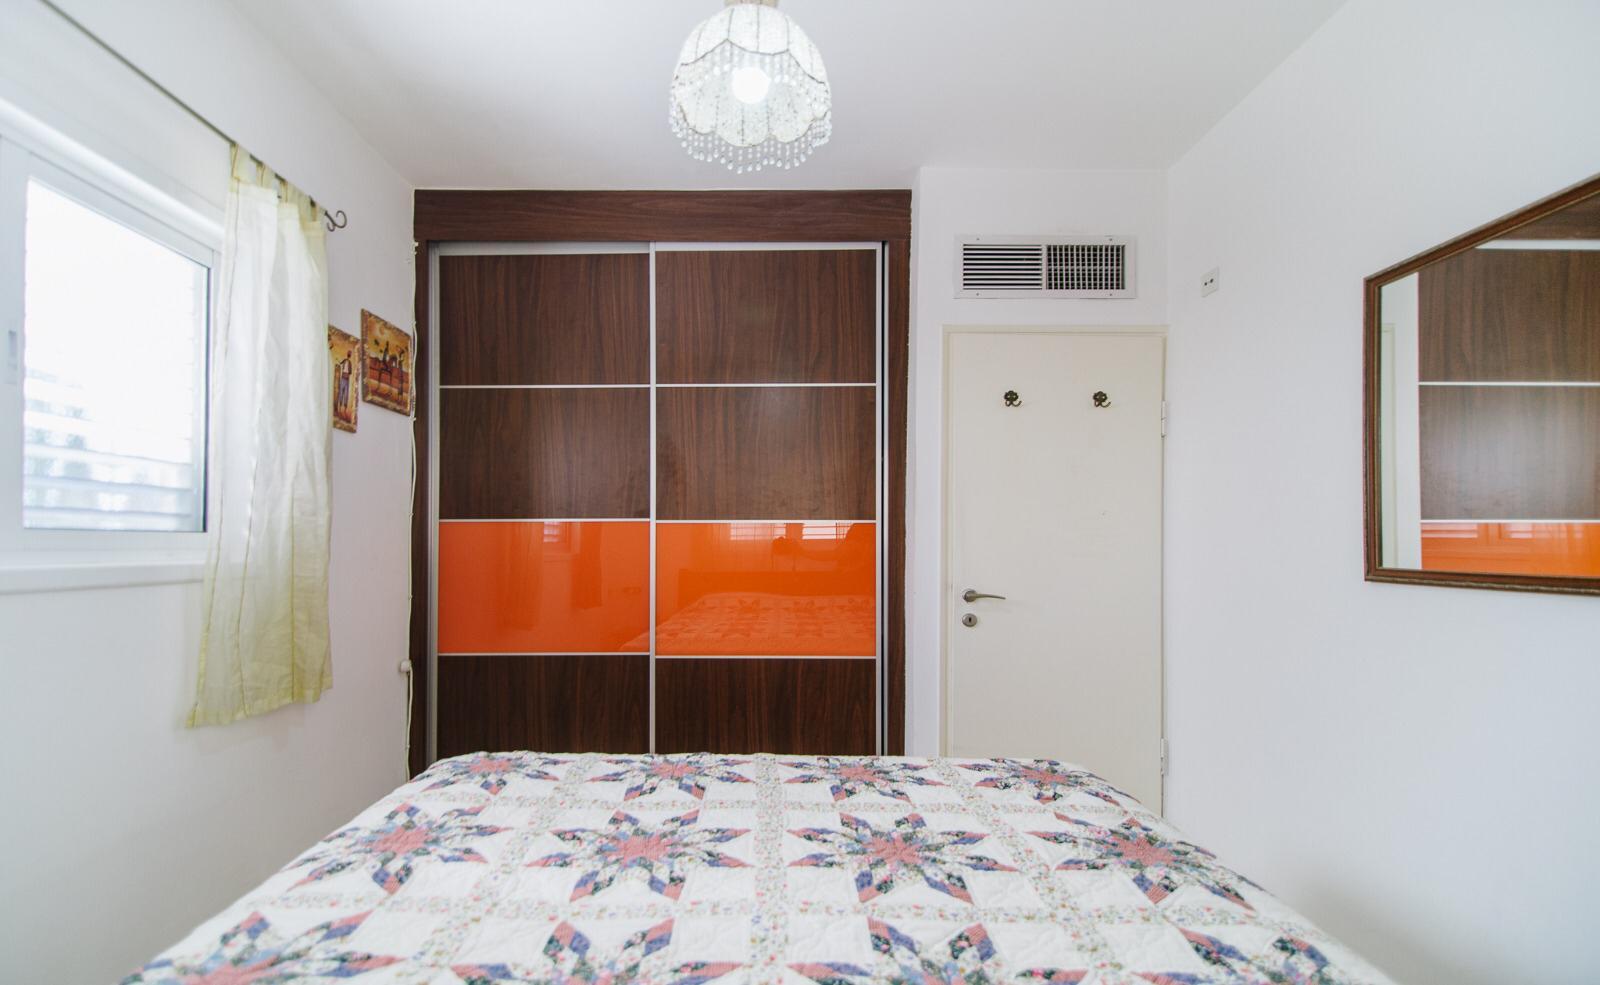 דירת 4 חדרים הצנחנים 23 שכונת עין גנים3.